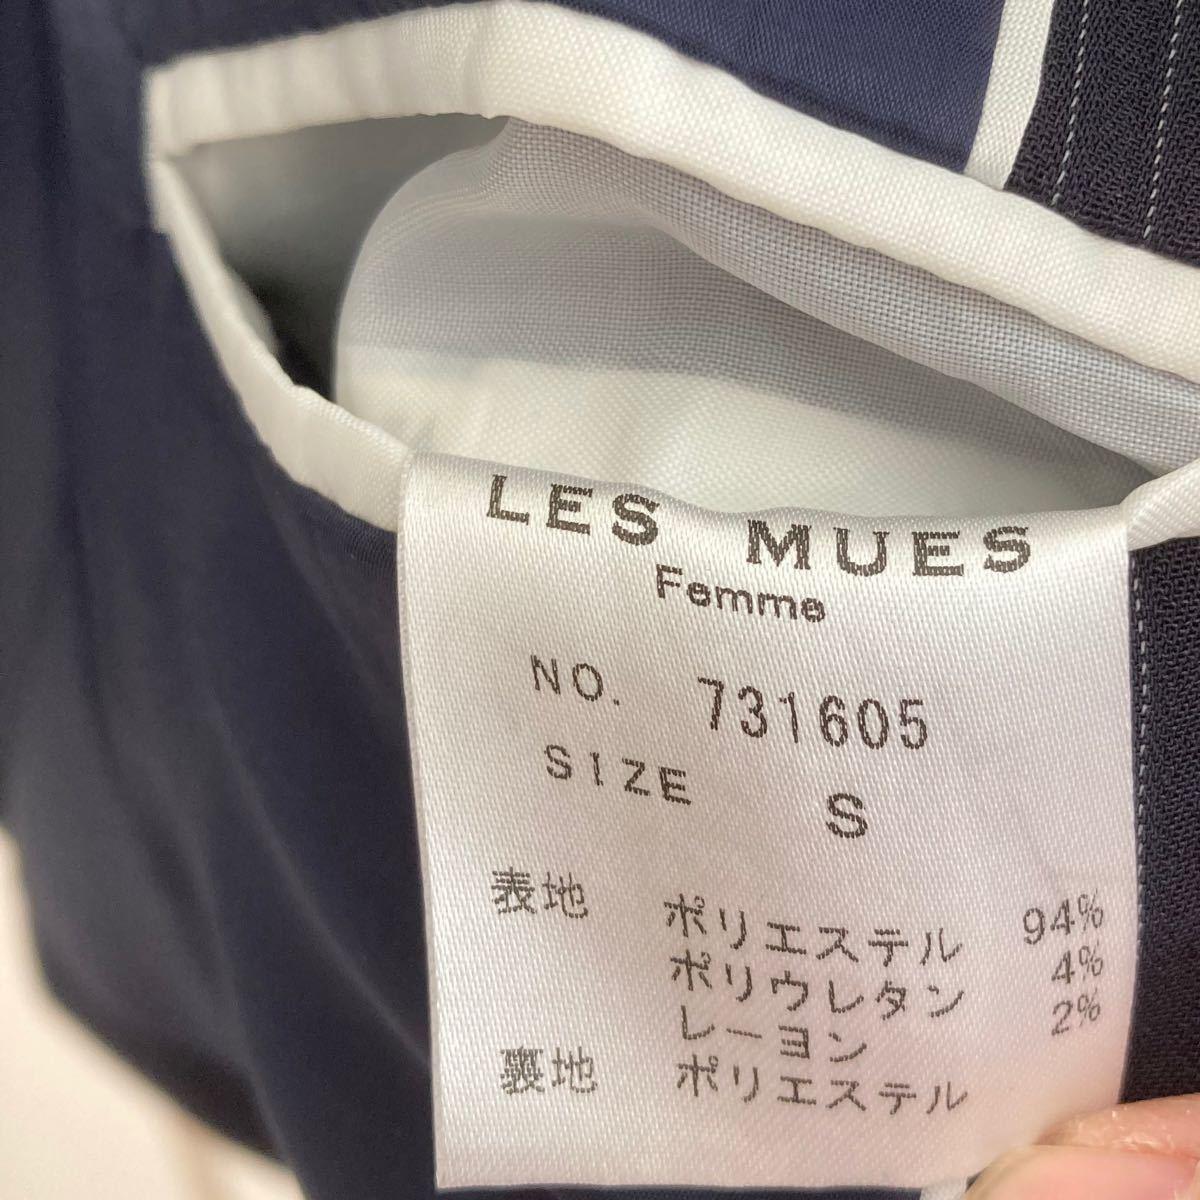 値下げ テーラードジャケット レディーススーツジャケットのみ ネイビー ストライプ